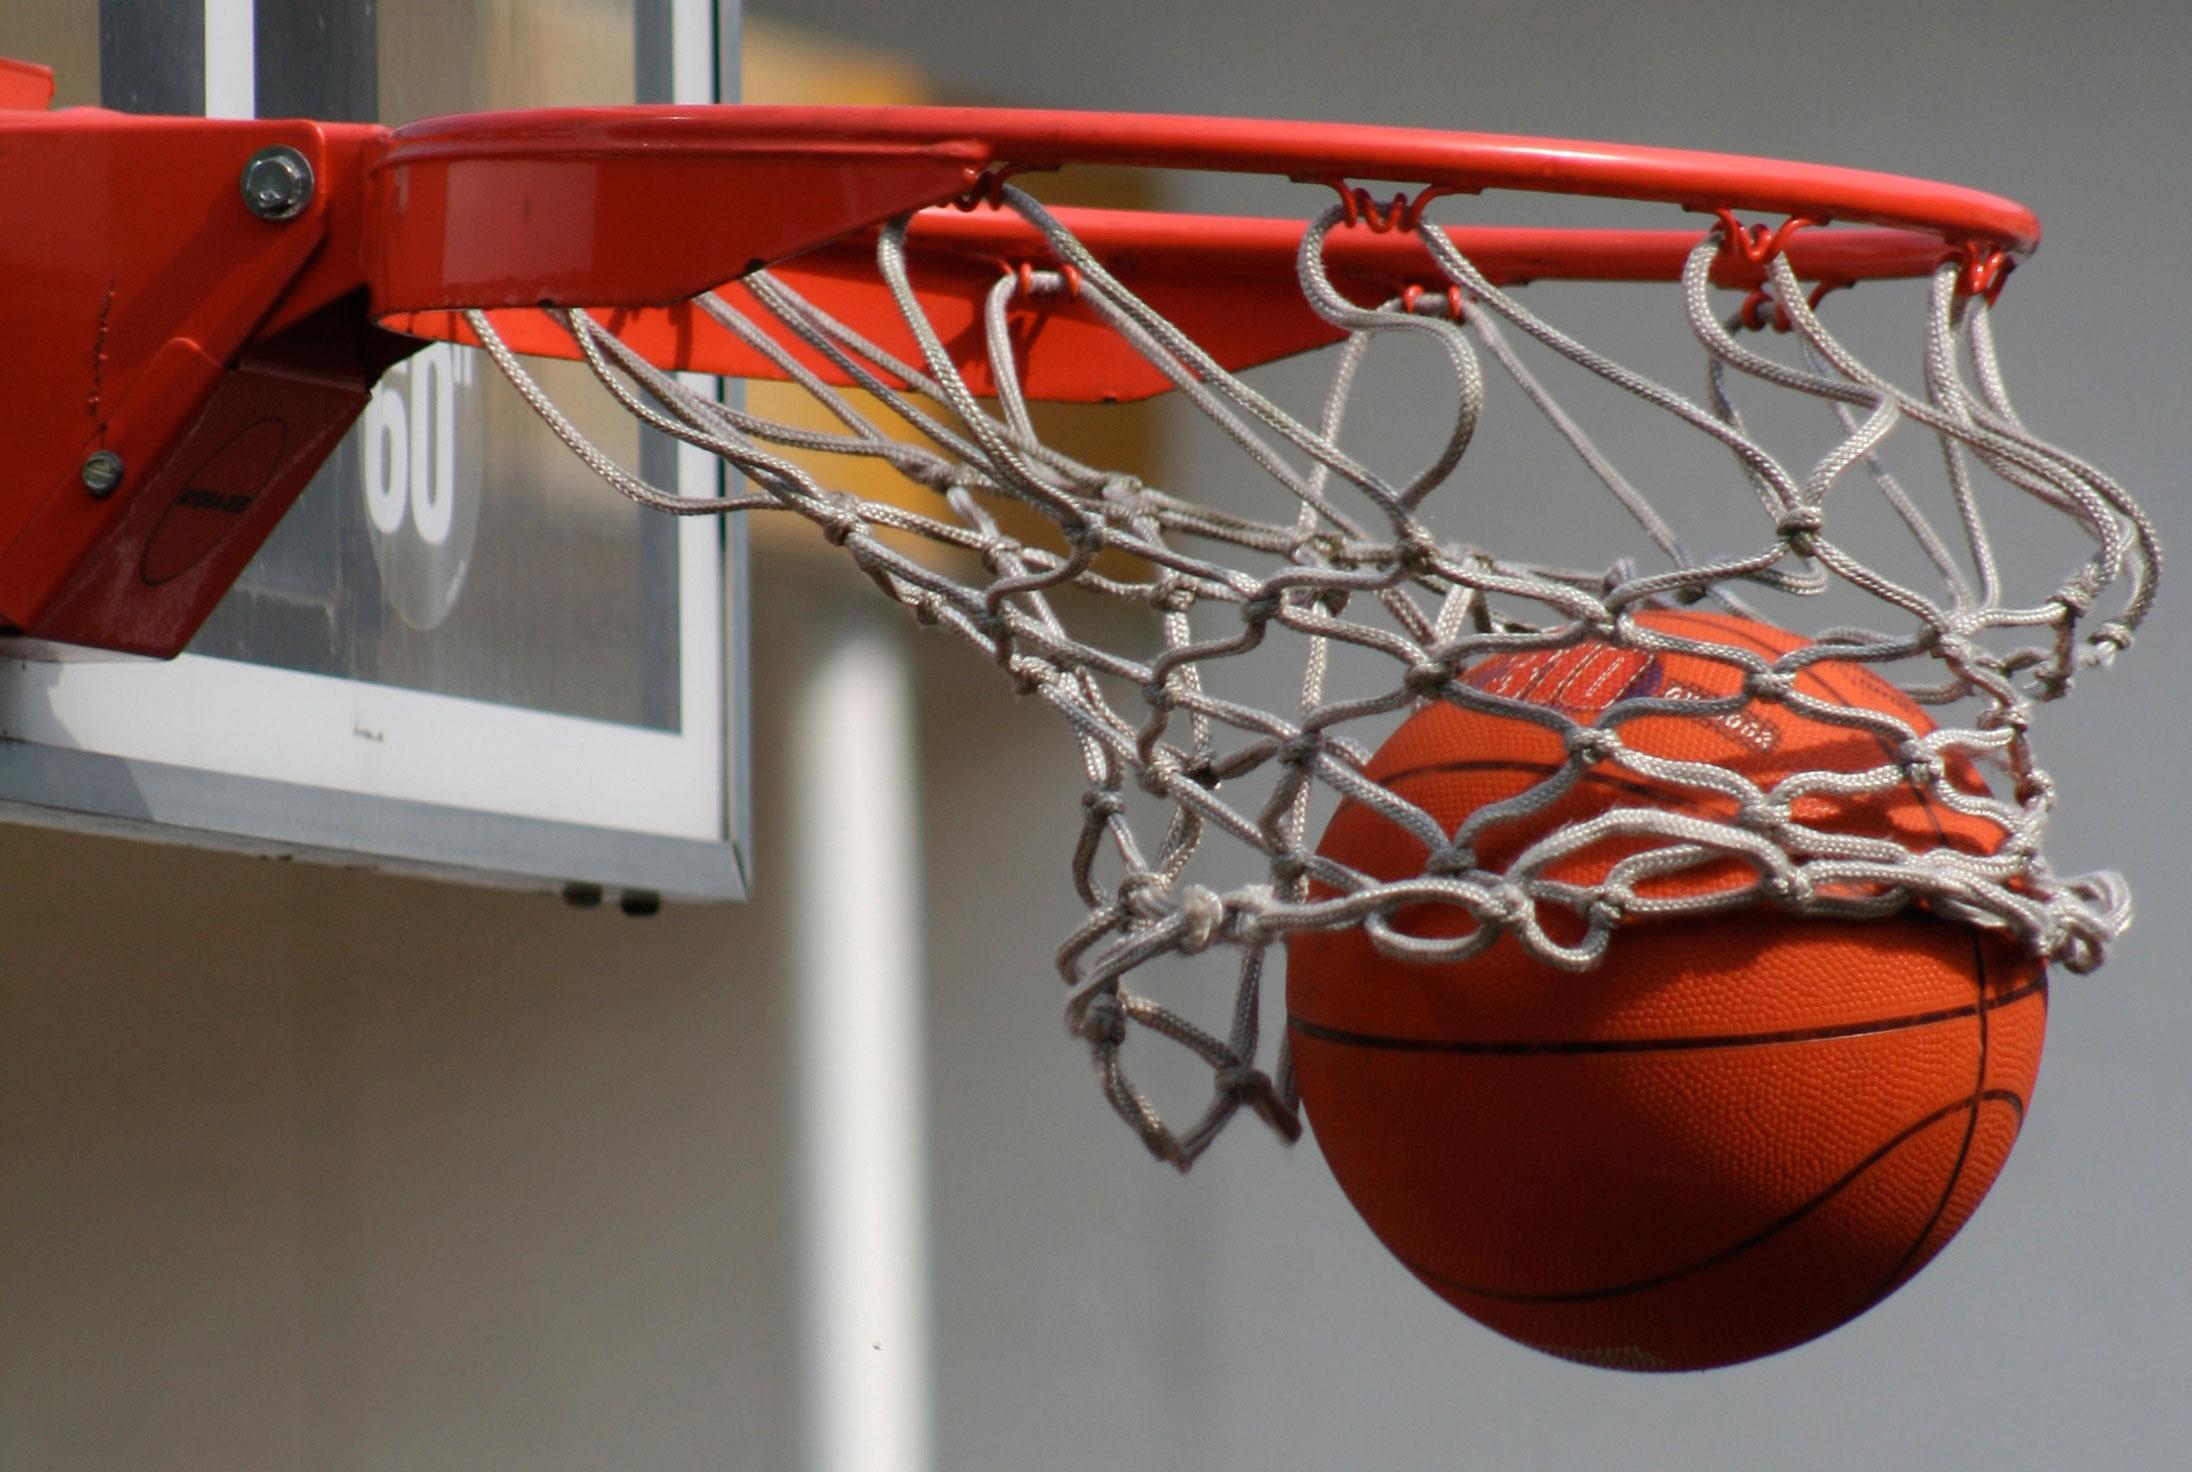 حضور بسکتبالیست خارجی شیمیدر قطعی نیست